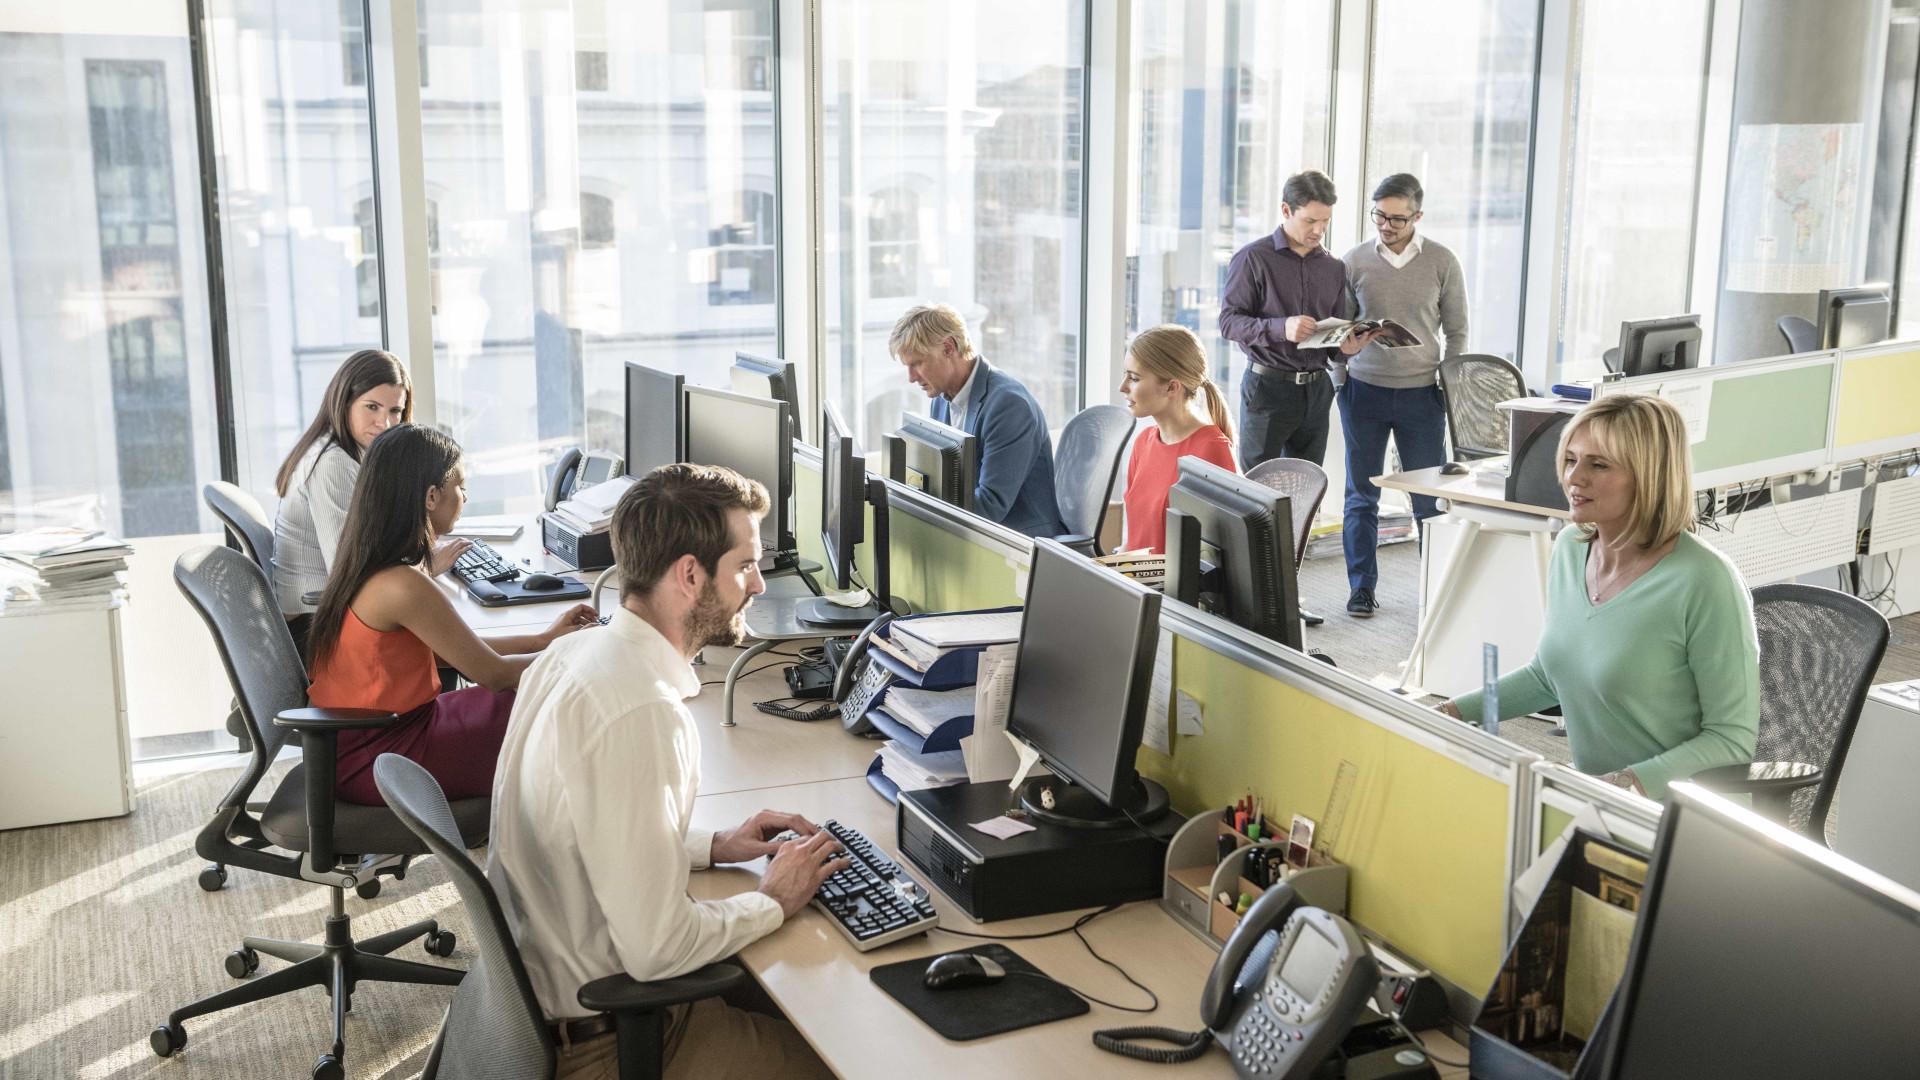 9 dicas de como se comportar no ambiente de trabalho